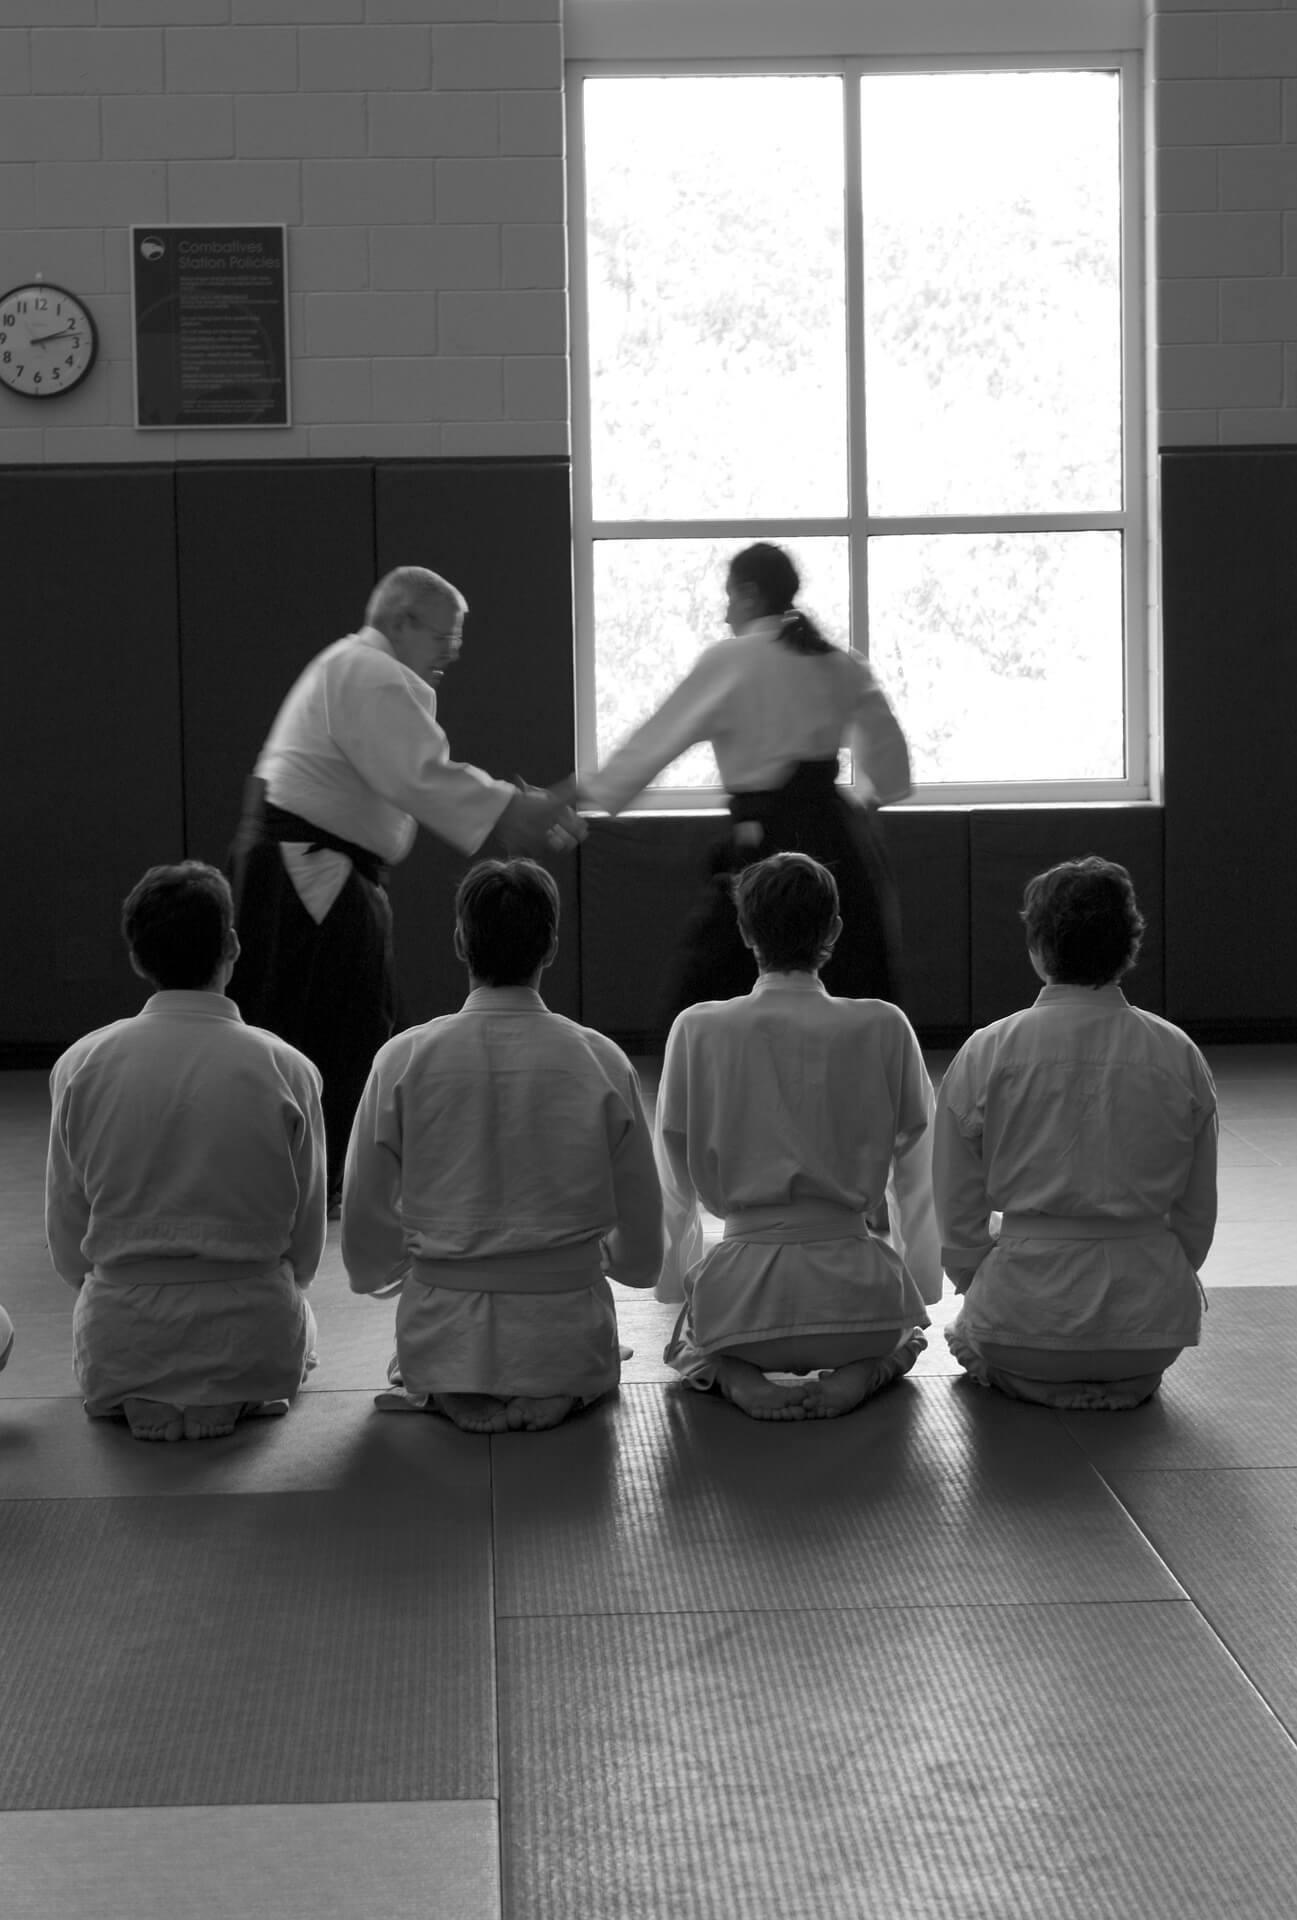 aikido-362957_1920.jpg